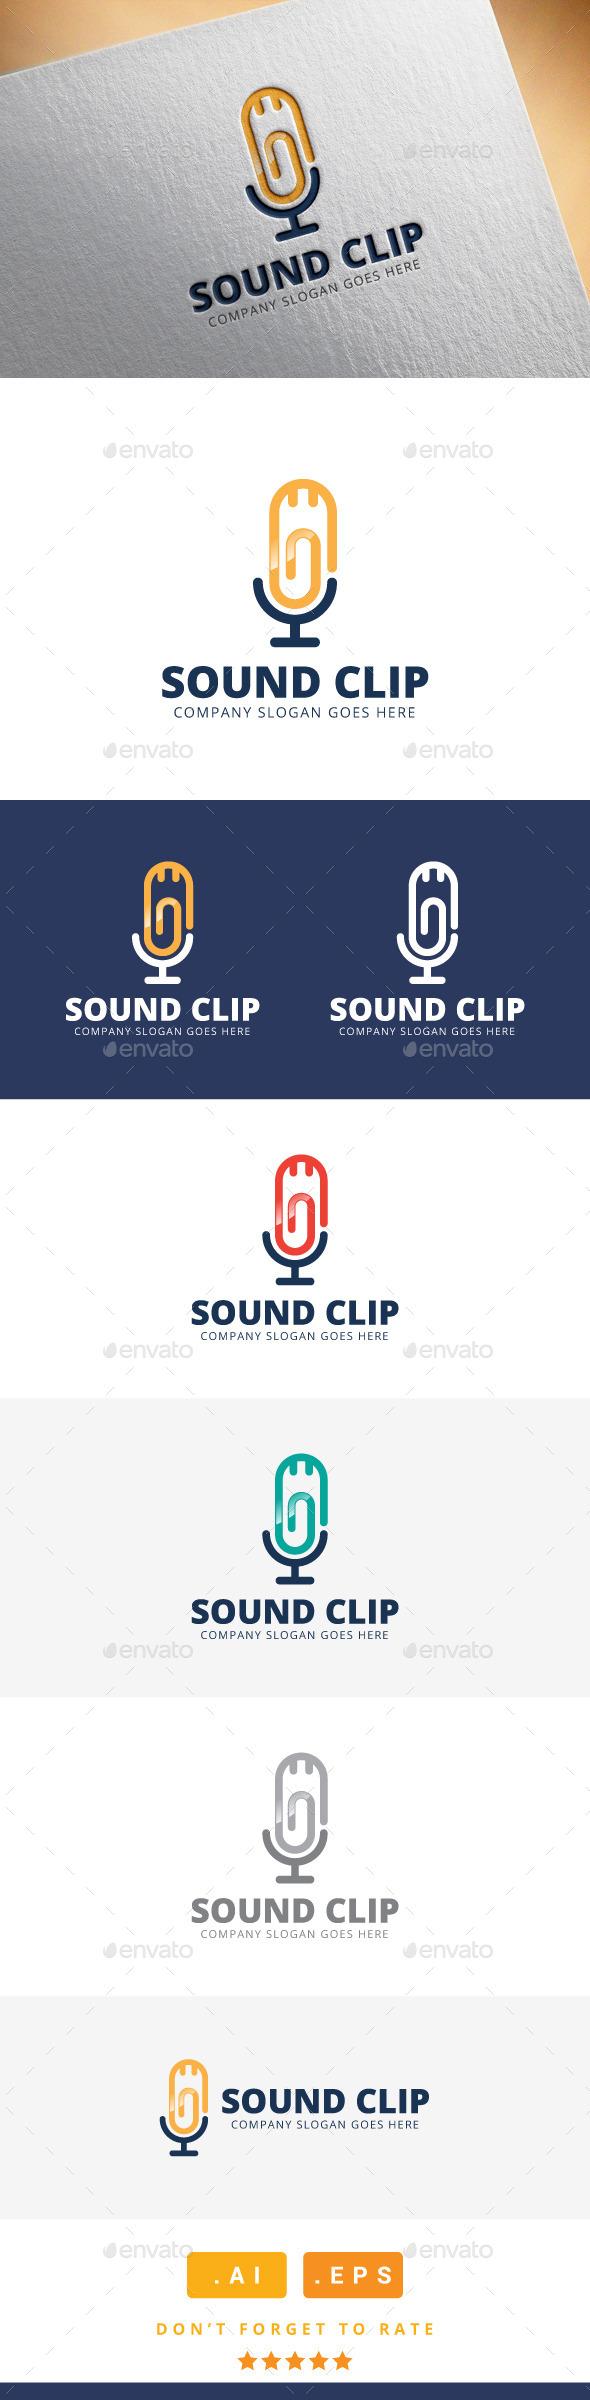 GraphicRiver Sound Clip Logo 11471288